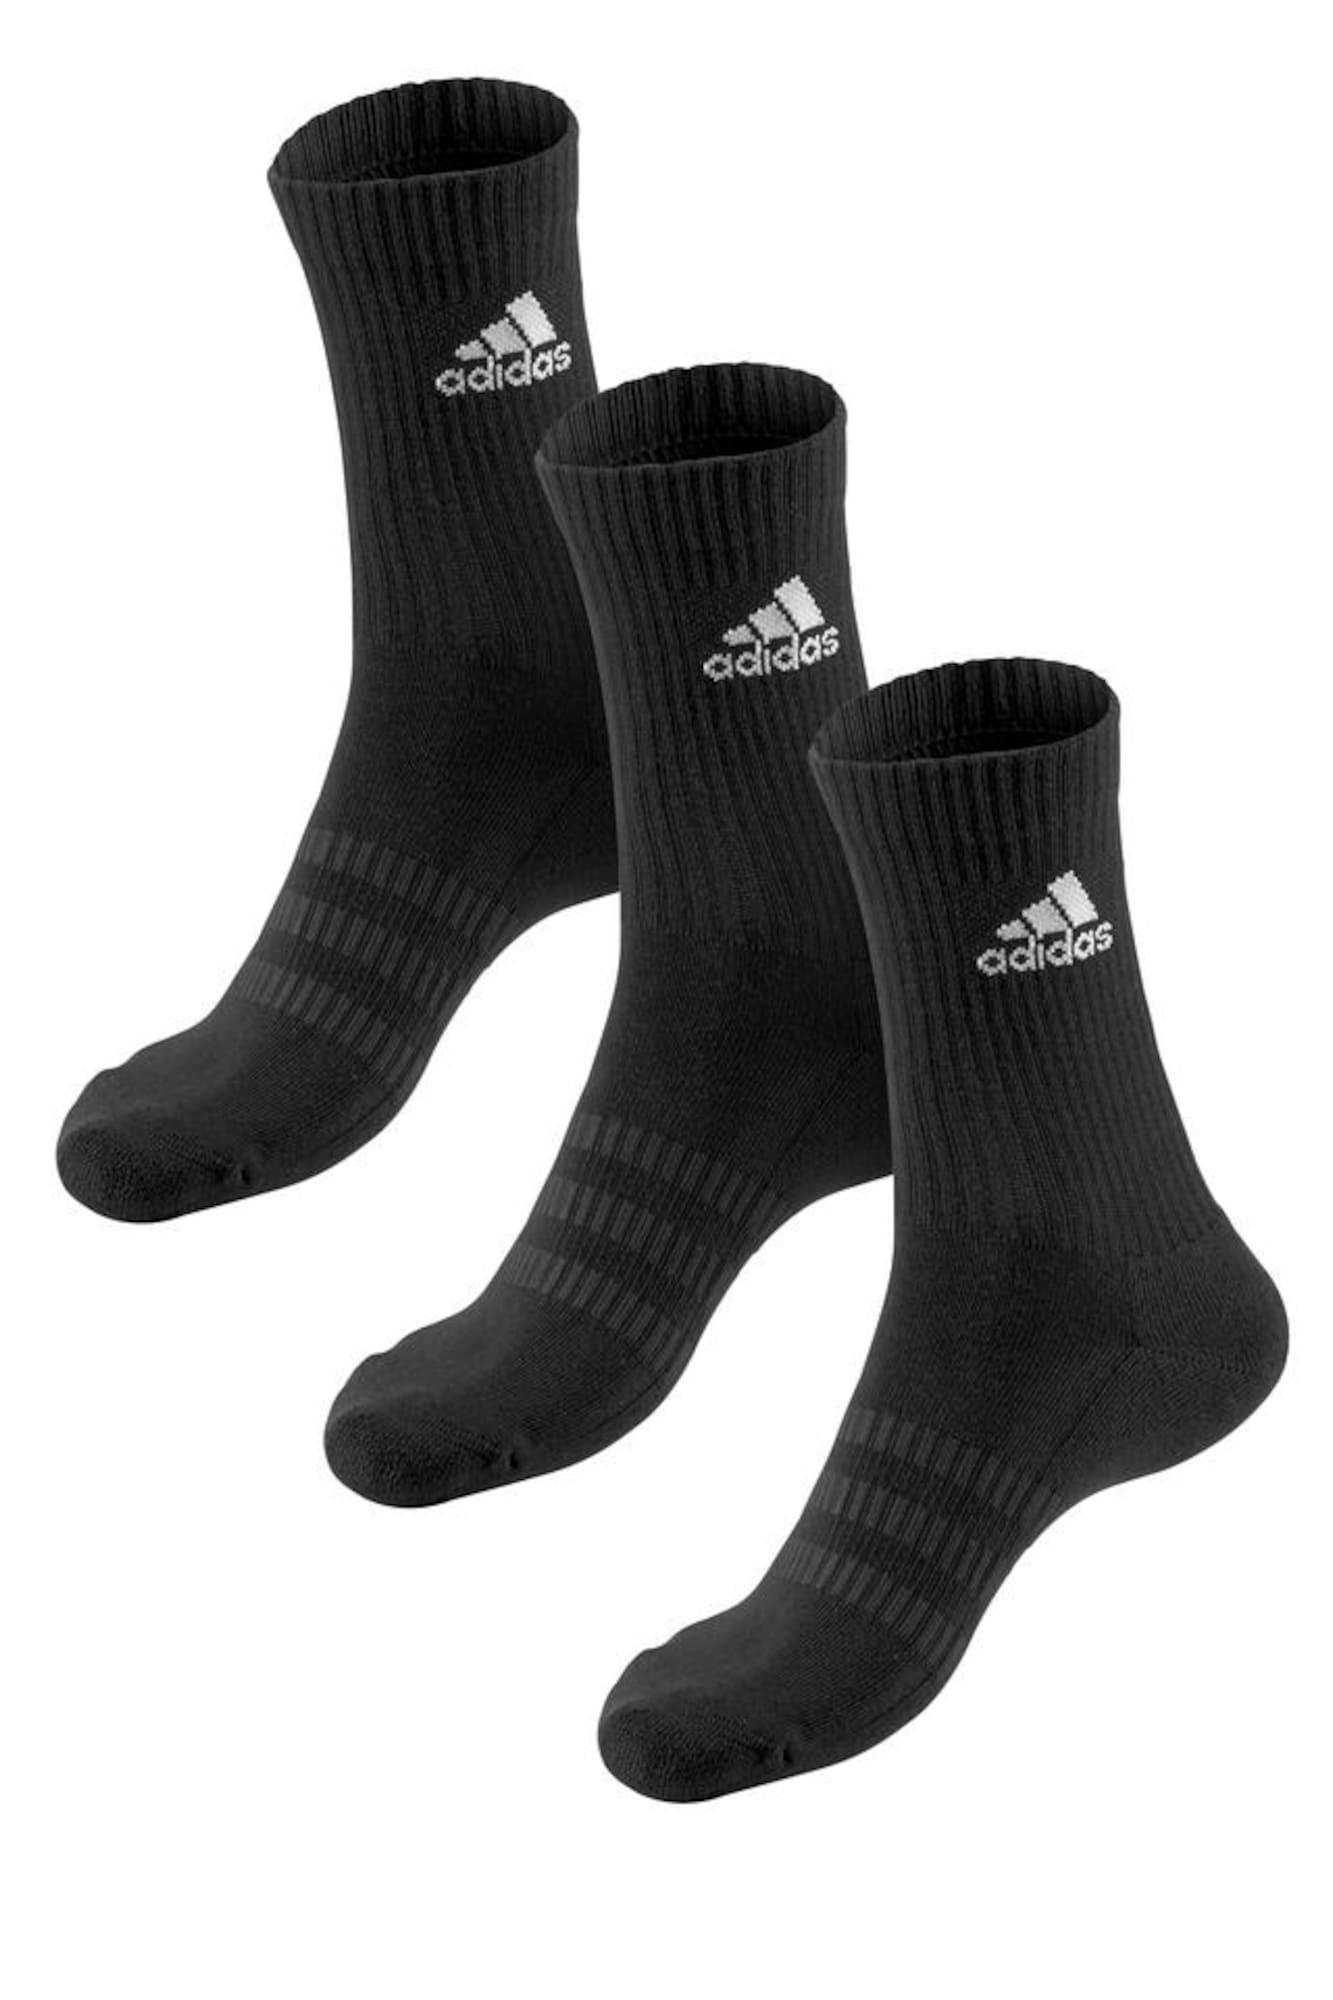 ADIDAS PERFORMANCE Sportinės kojinės juoda / balta